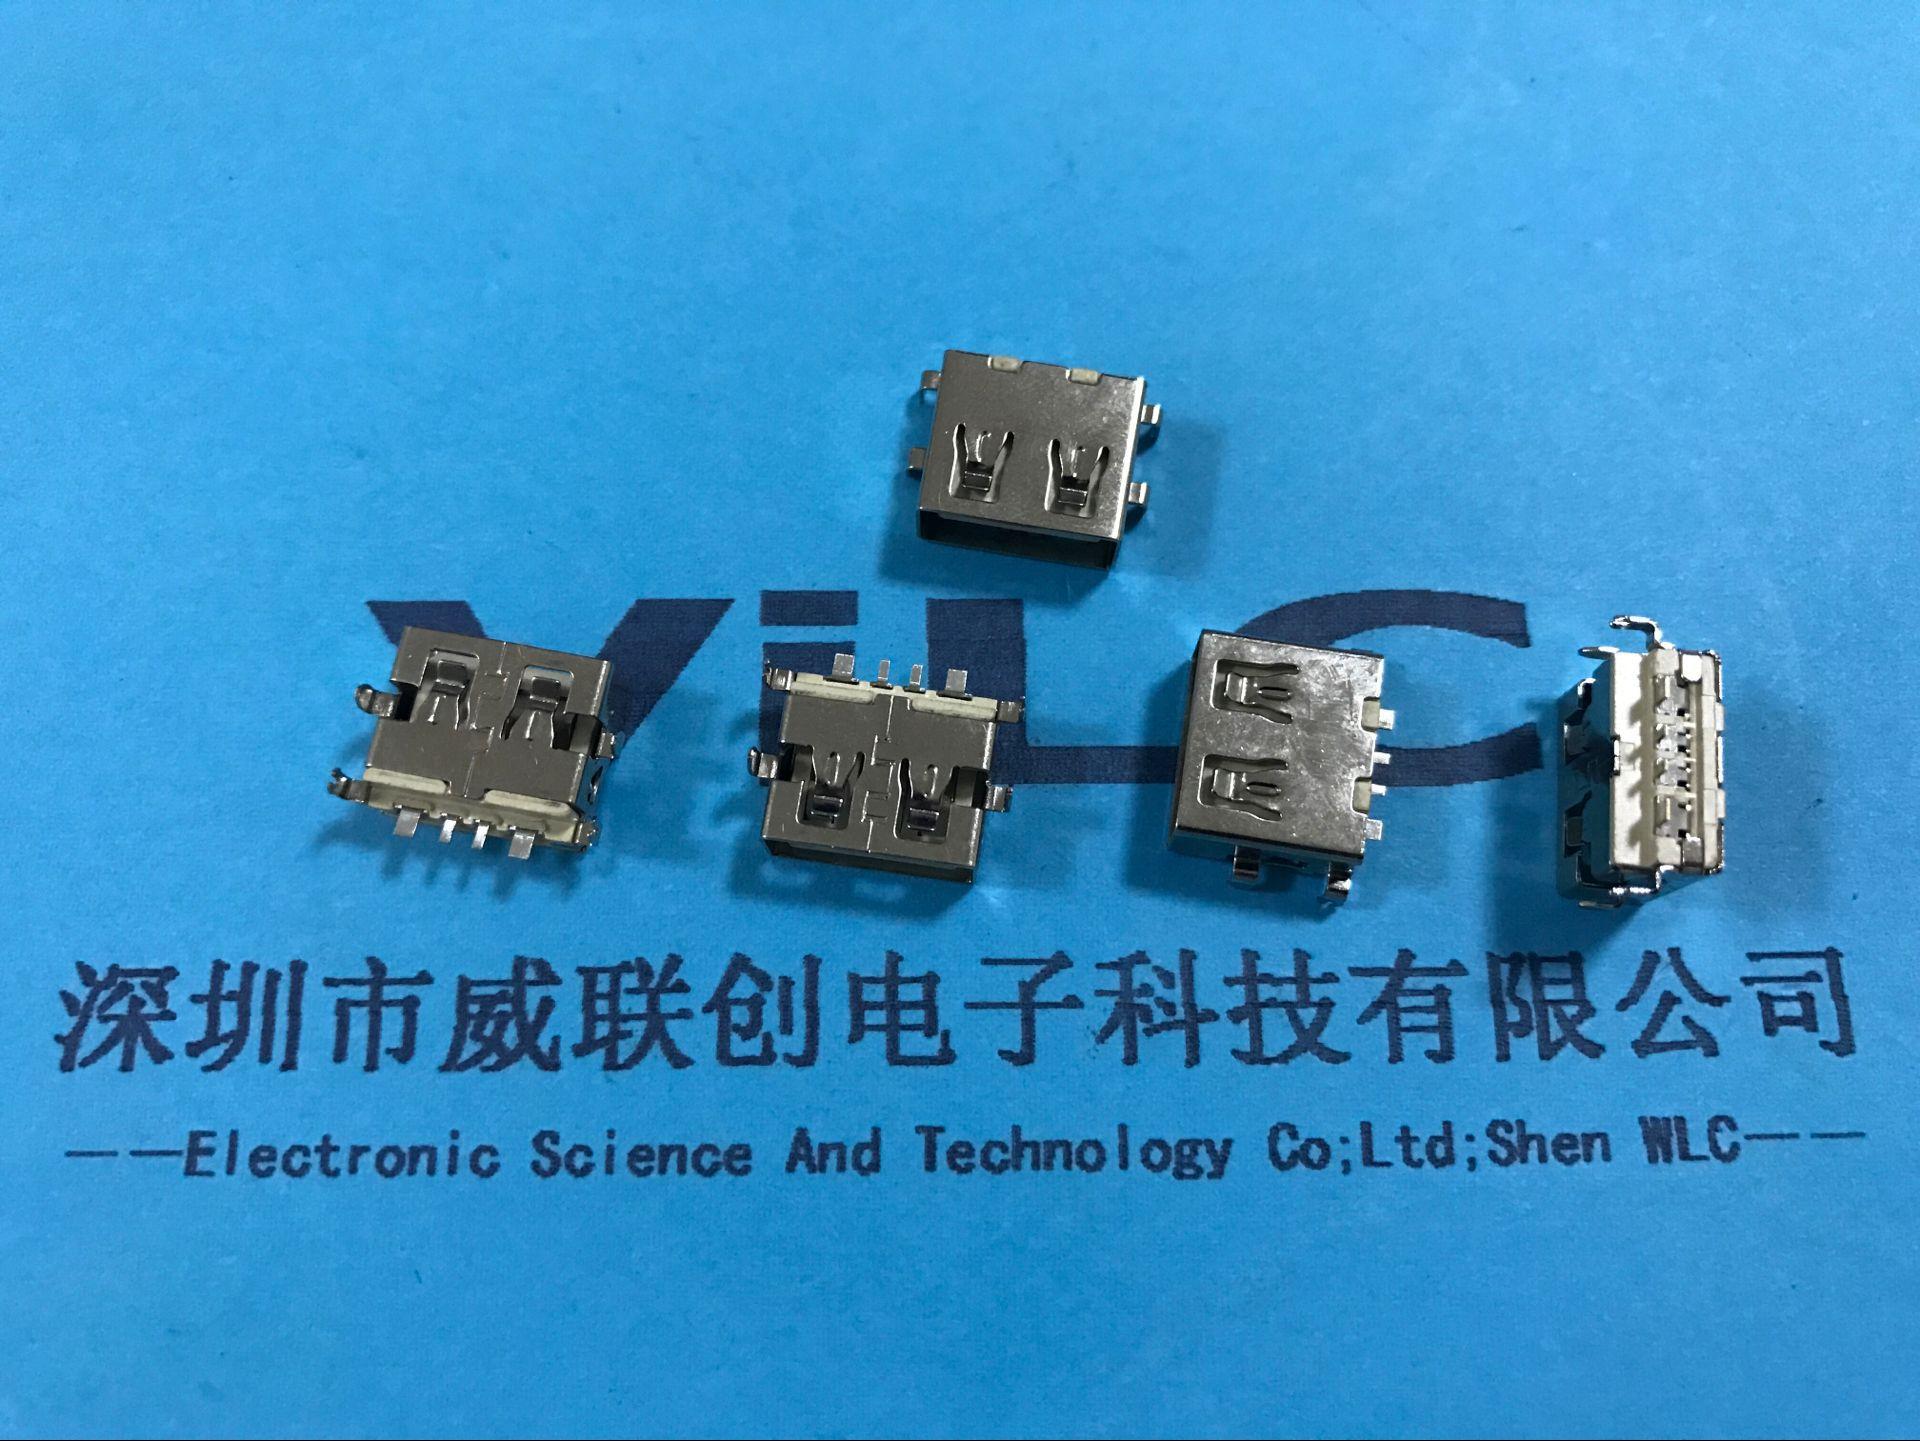 大电流沉板USB10.0短体母座(沉板1.9mm)直边米黄胶示例图1